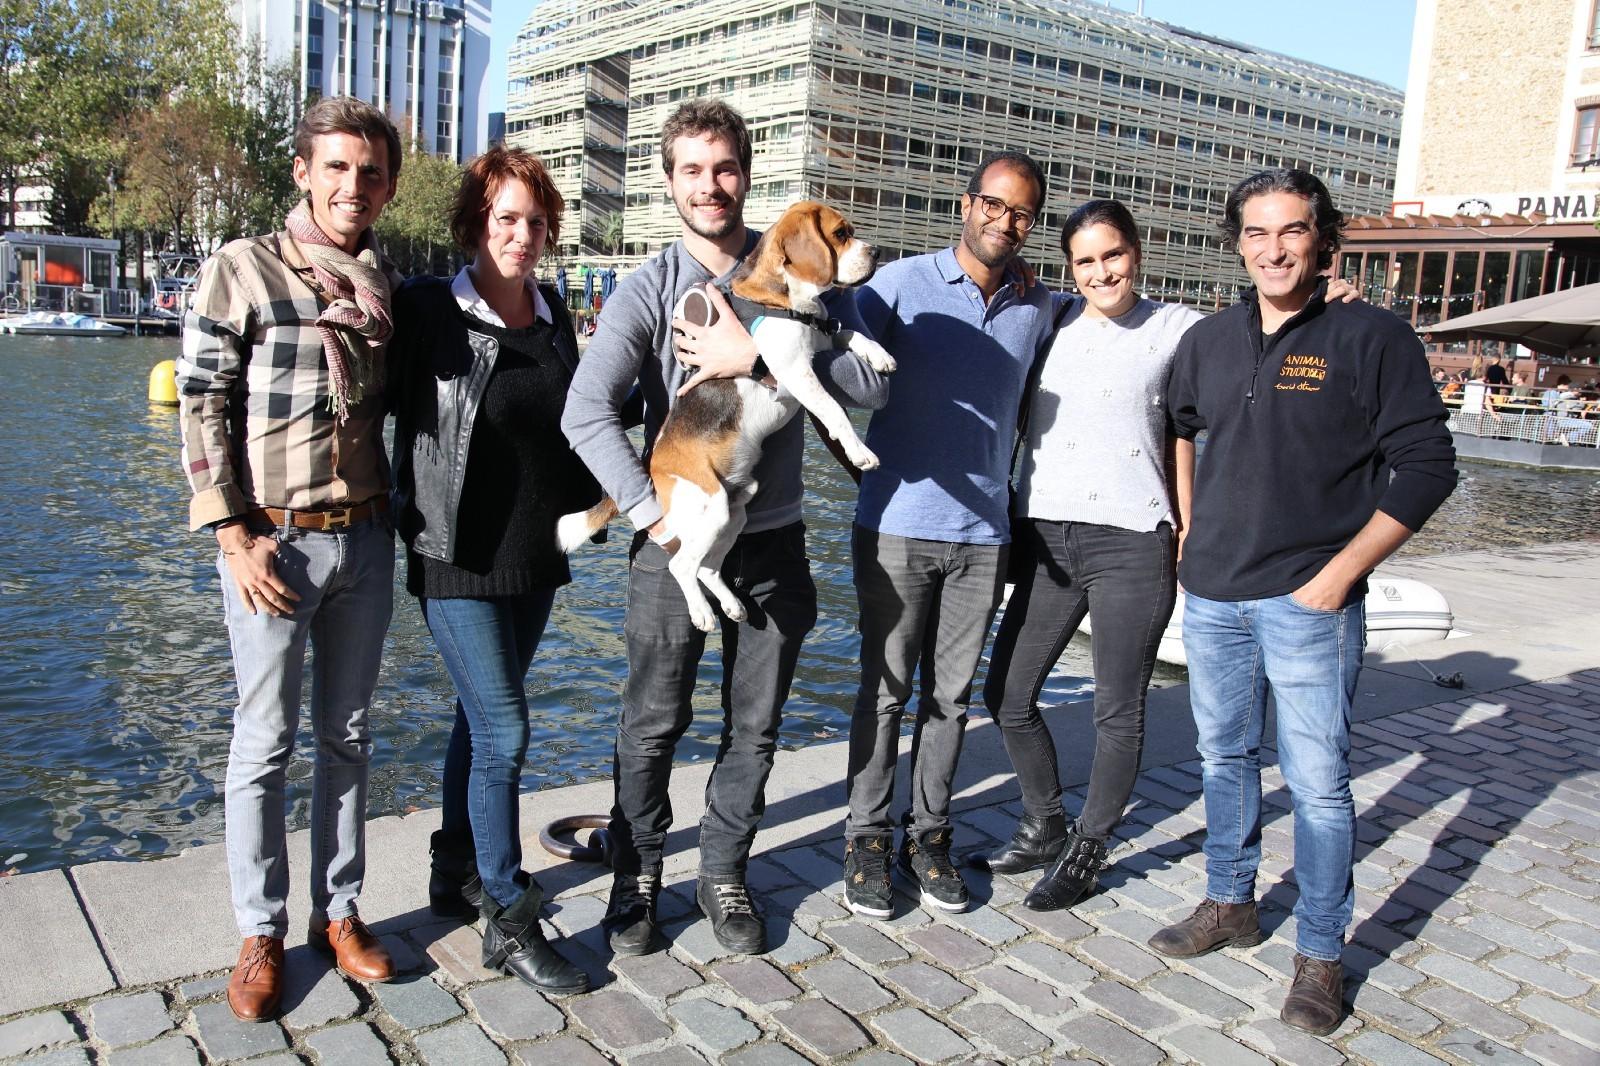 Yoann Latouche, Séverine Paraillous, Thomas Santmann, Noam accompagnés de MJ de Beagle et DavidStrano